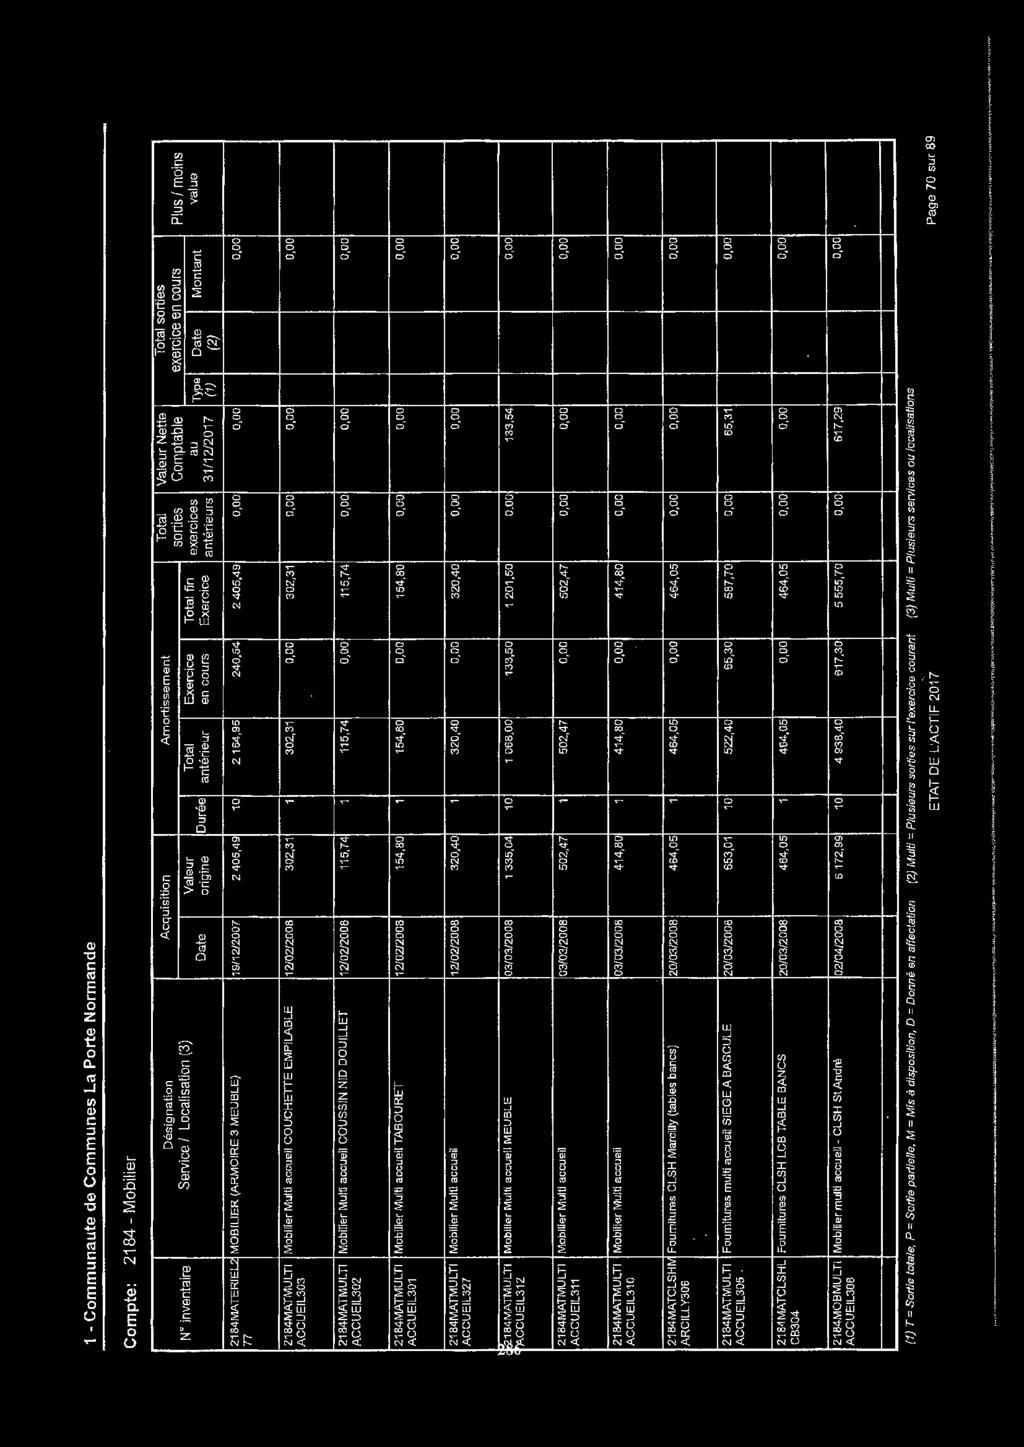 Mobilier De Jardin En Fer forgé Élégant Acquisition Amortissement total Valeur Nette total sorties Of 33 Best Of Mobilier De Jardin En Fer forgé